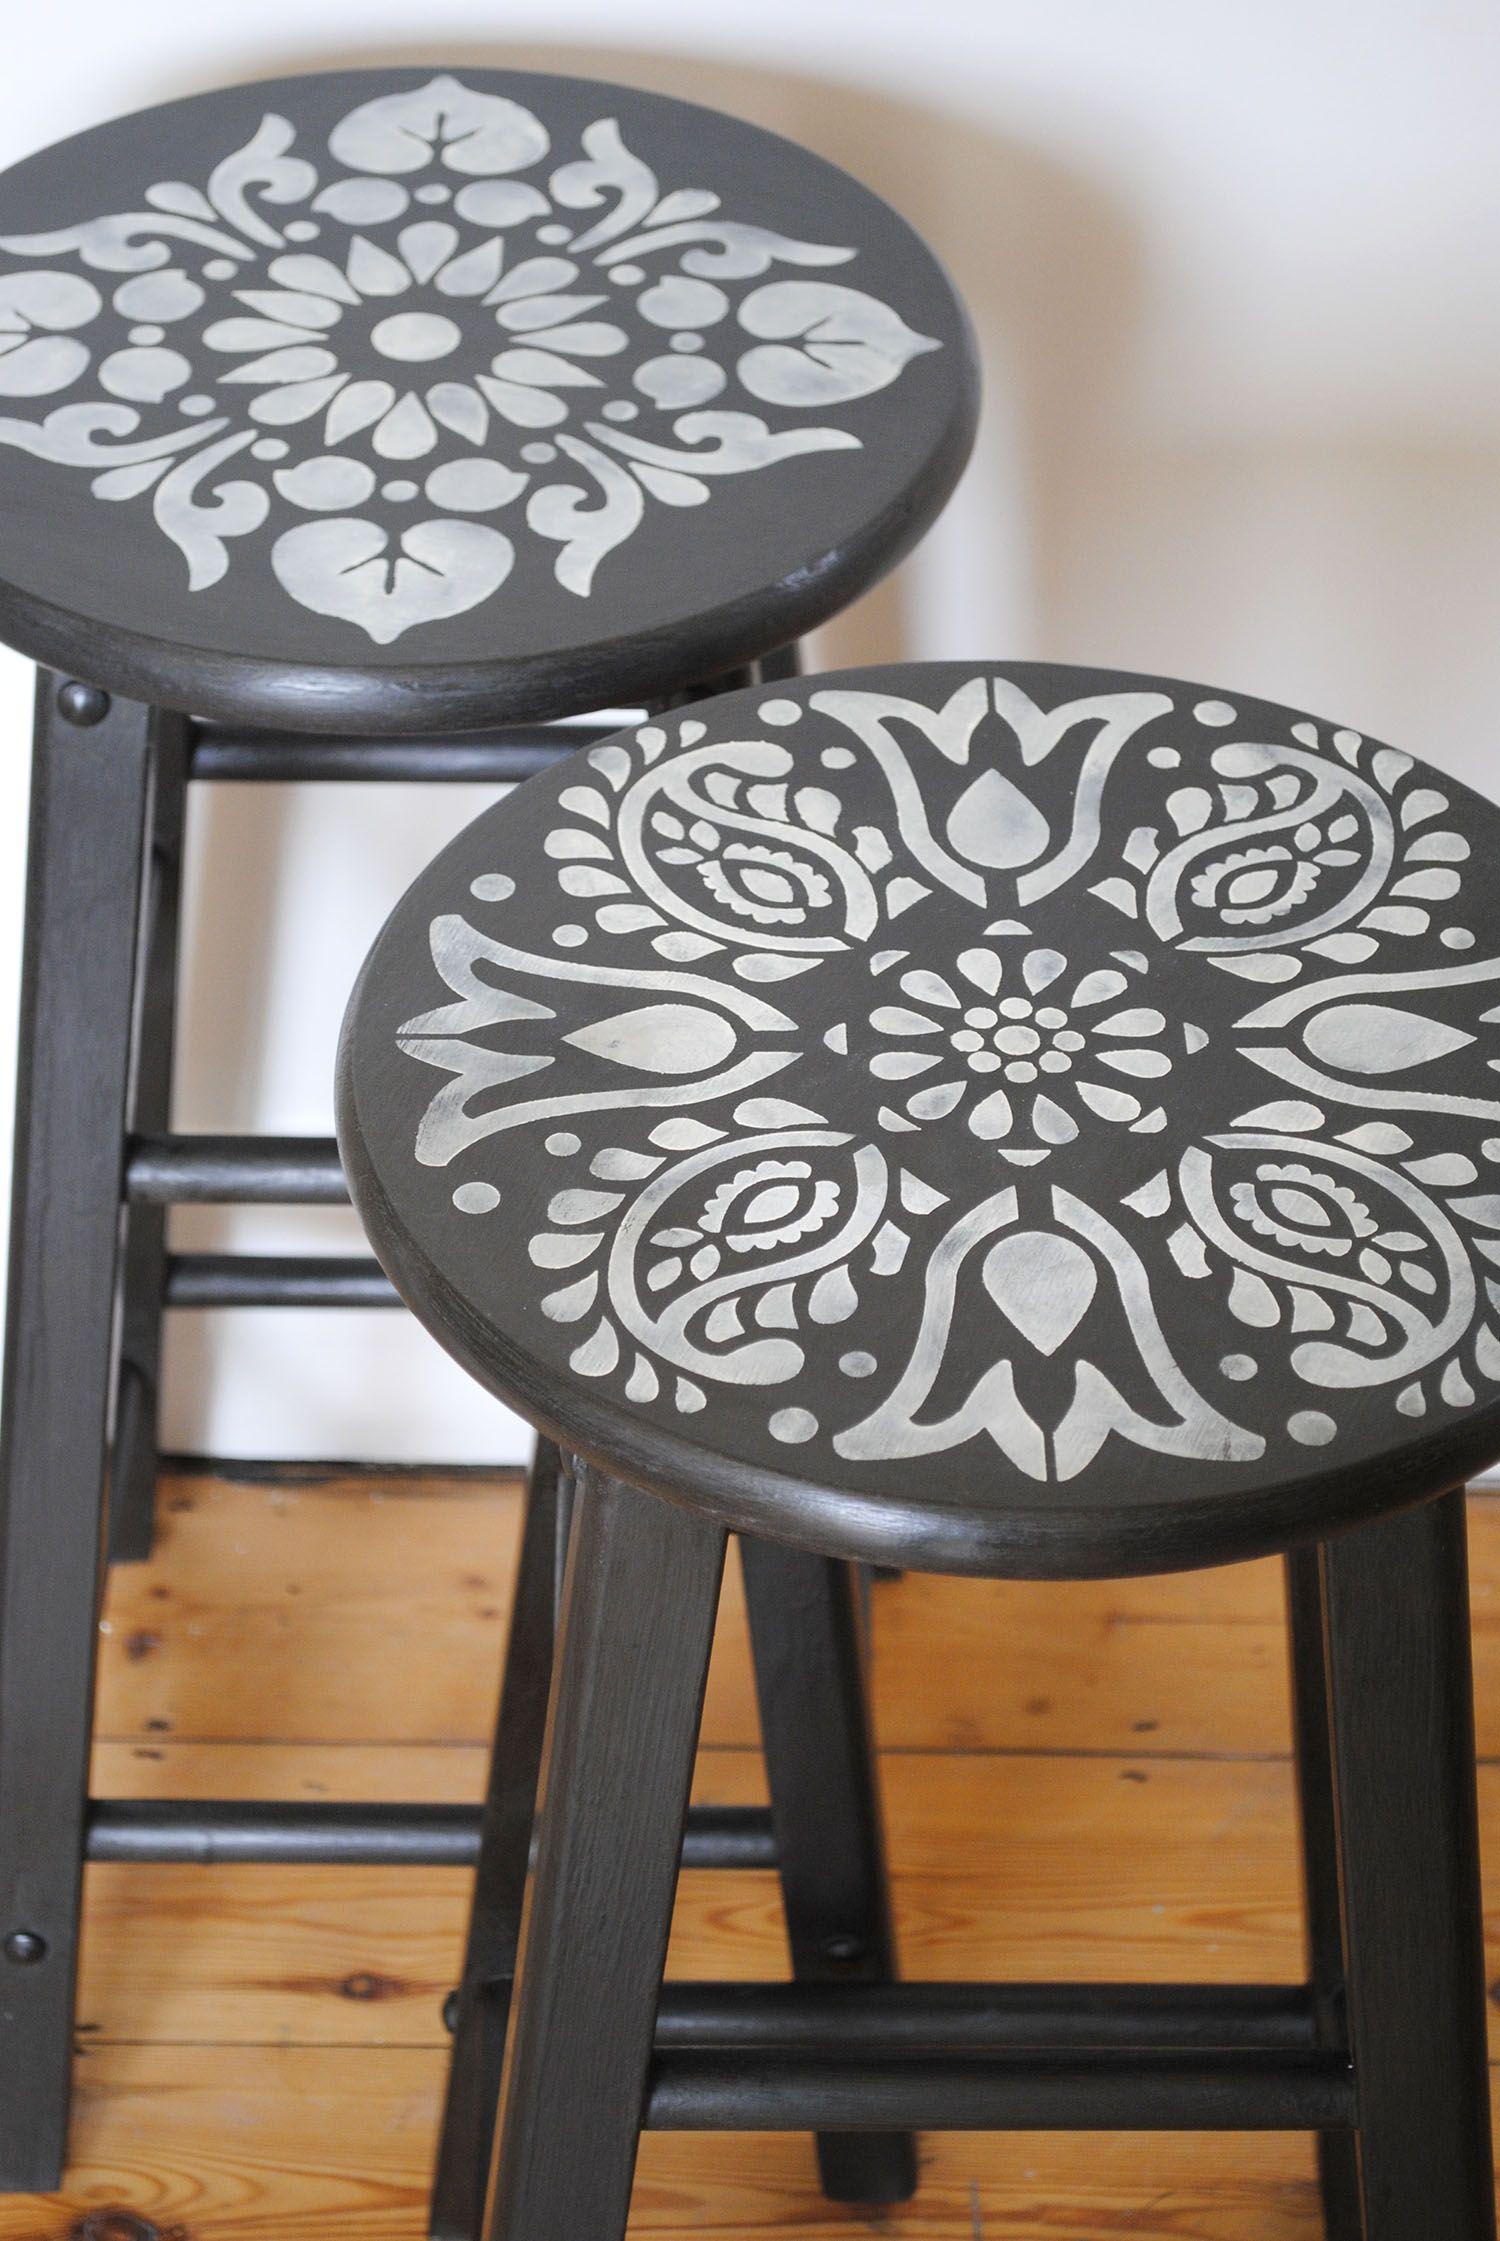 Top-design-bilder  images about stencils auf pinterest  mandalas schablonen und